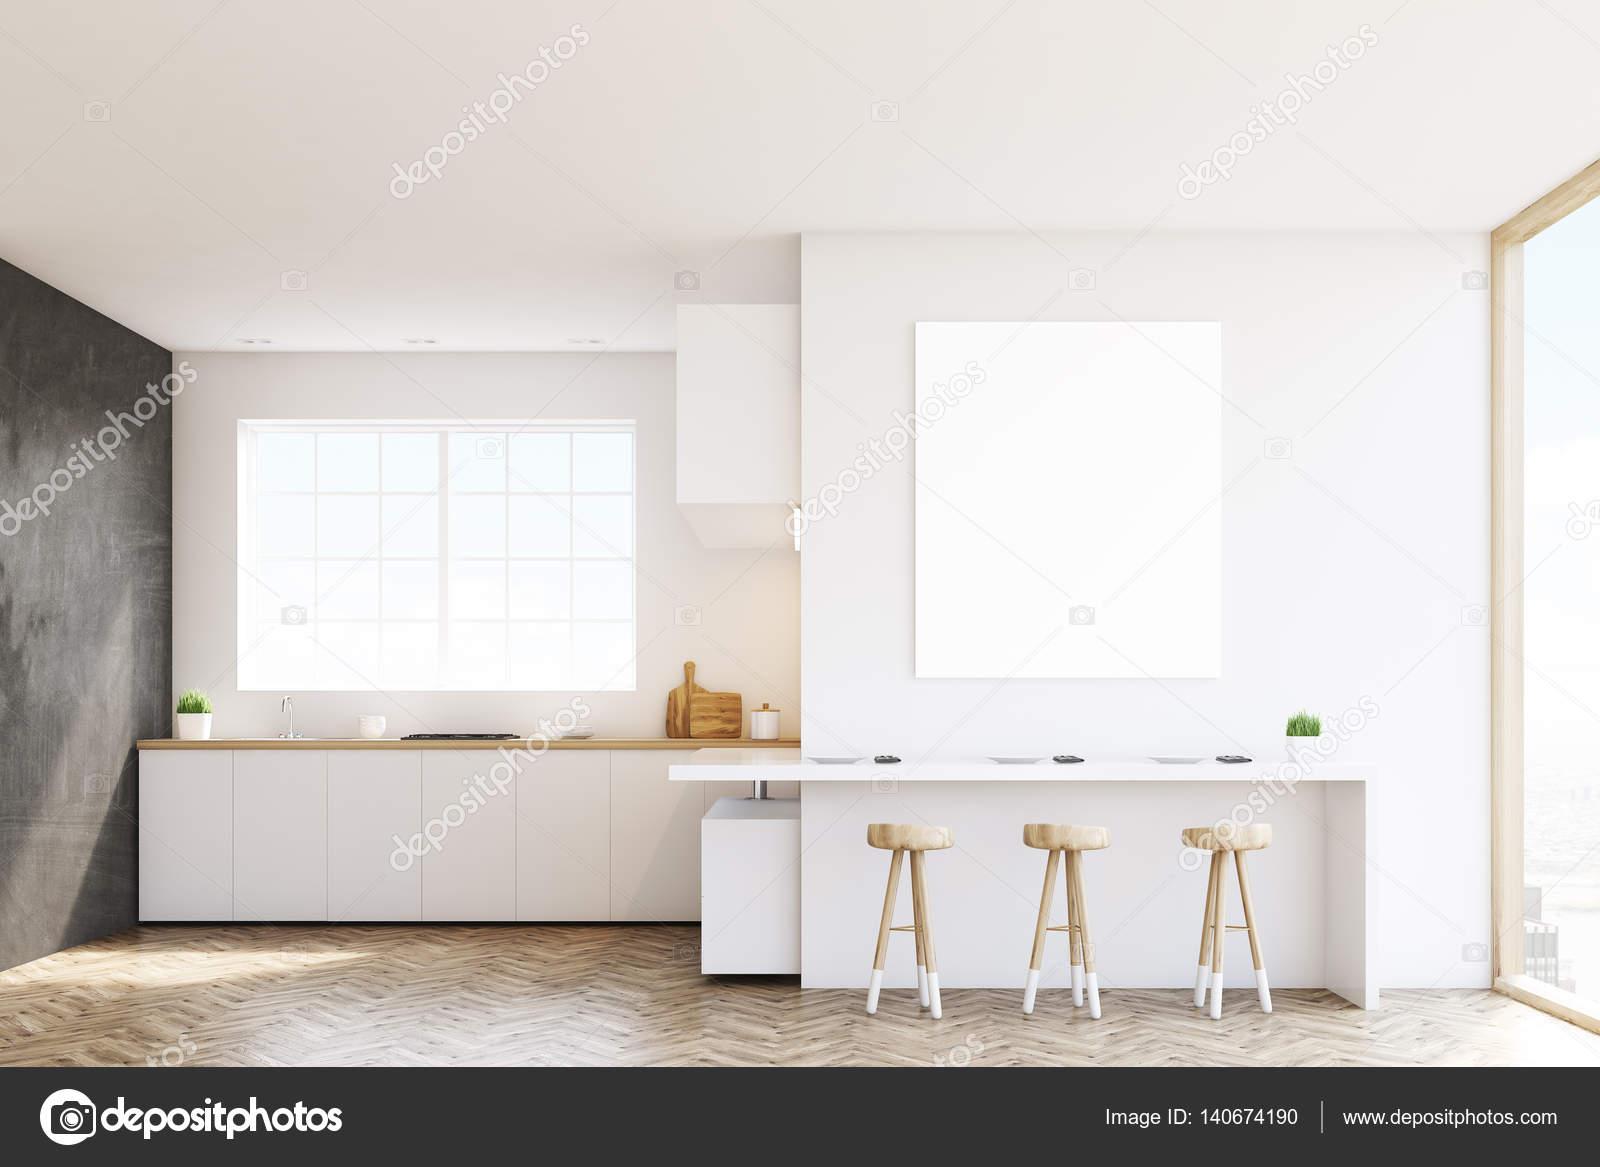 Schon Küche Mit Fenster, Arbeitsplatten, Einen Tisch Und Drei Stühle. Schwarze  Und Weiße Wände. Konzept Für Ein Gemütliches Zuhause. 3D Rendering.